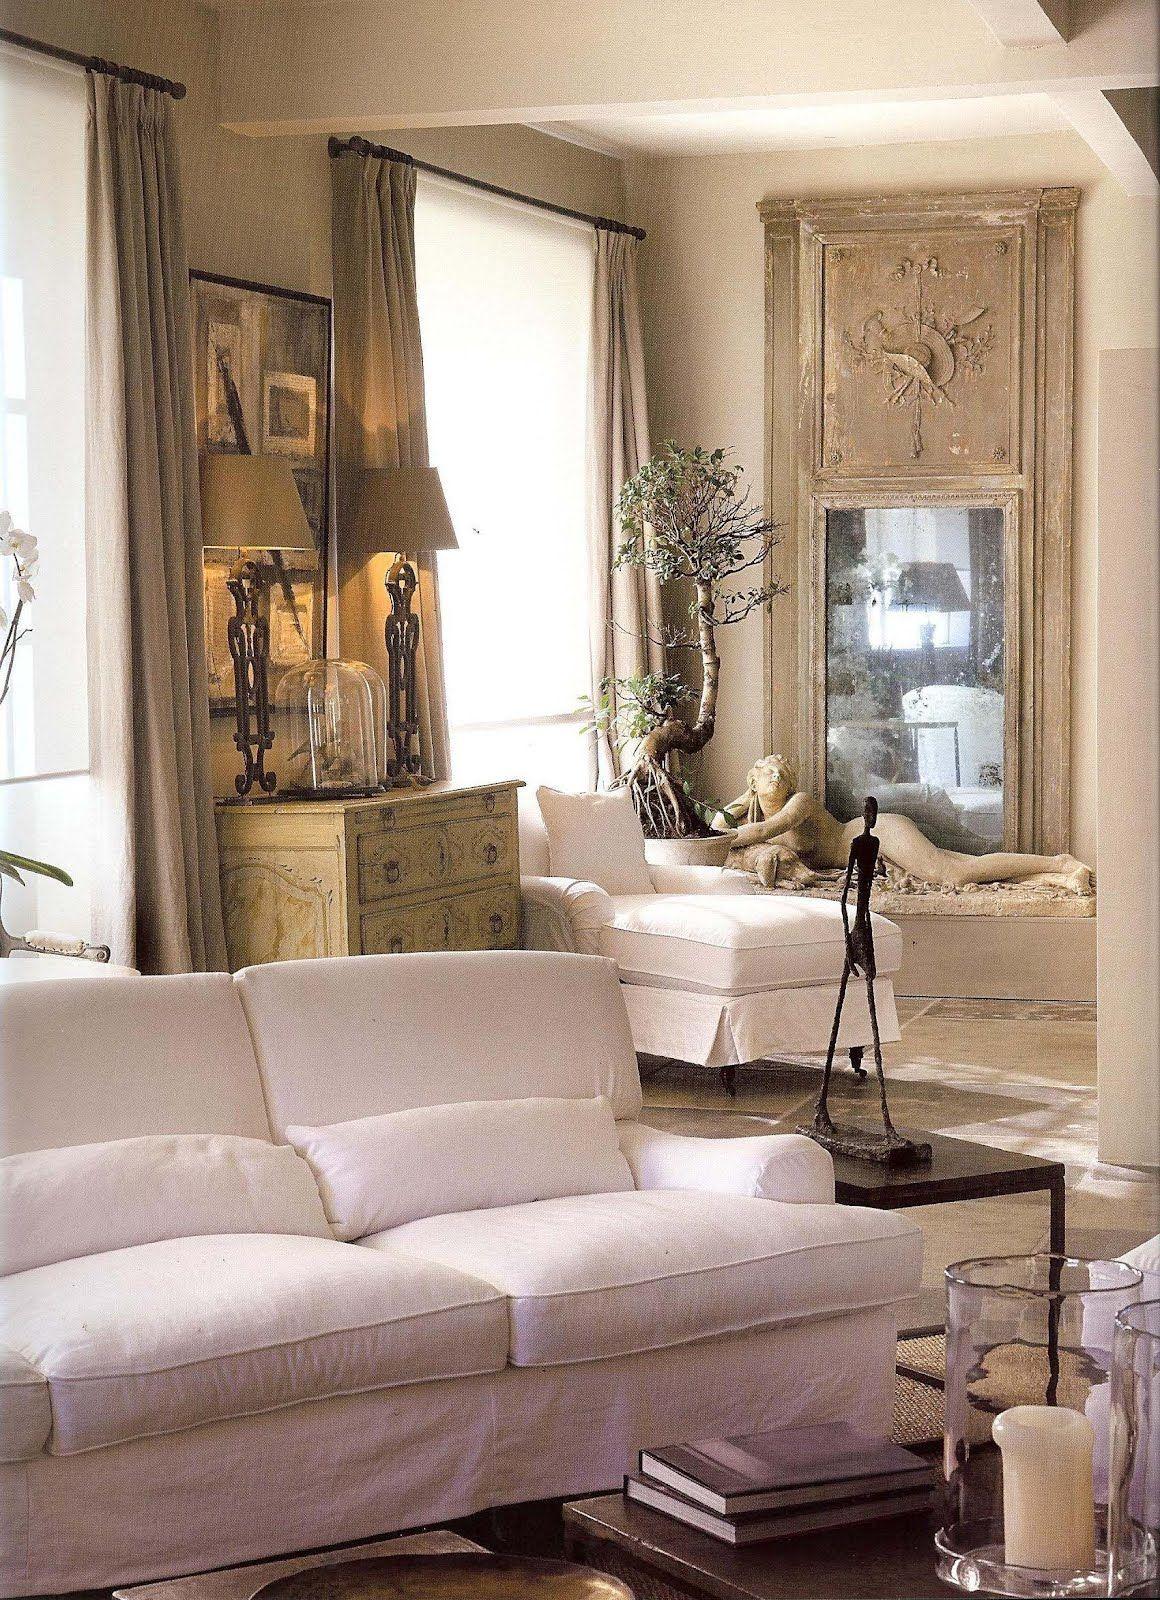 Innenarchitektur wohnzimmer lila jeanloup daraux  interior  pinterest  einrichtung und wohnen